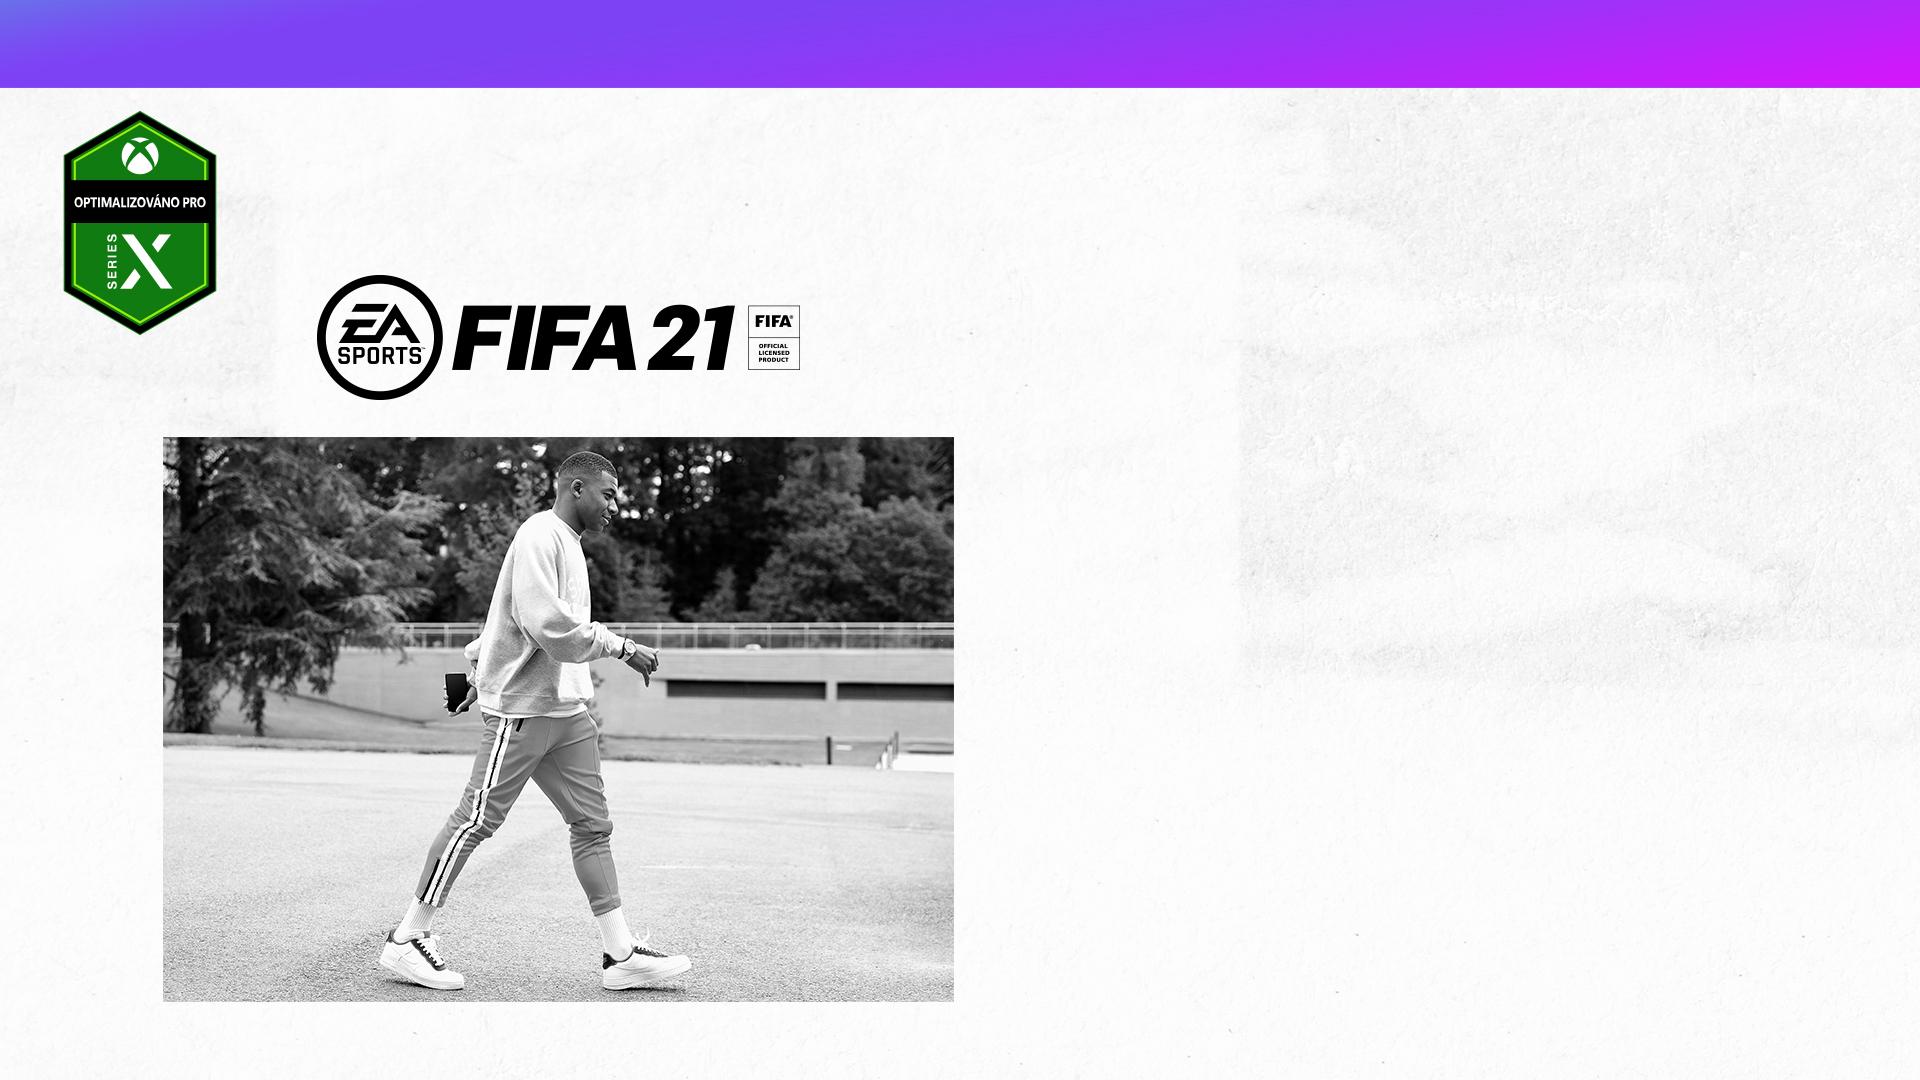 Optimalizováno pro Xbox Series X, logo EA Sports, FIFA 21, oficiální licencovaný produkt FIFA, Kylian Mbappé při chůzi